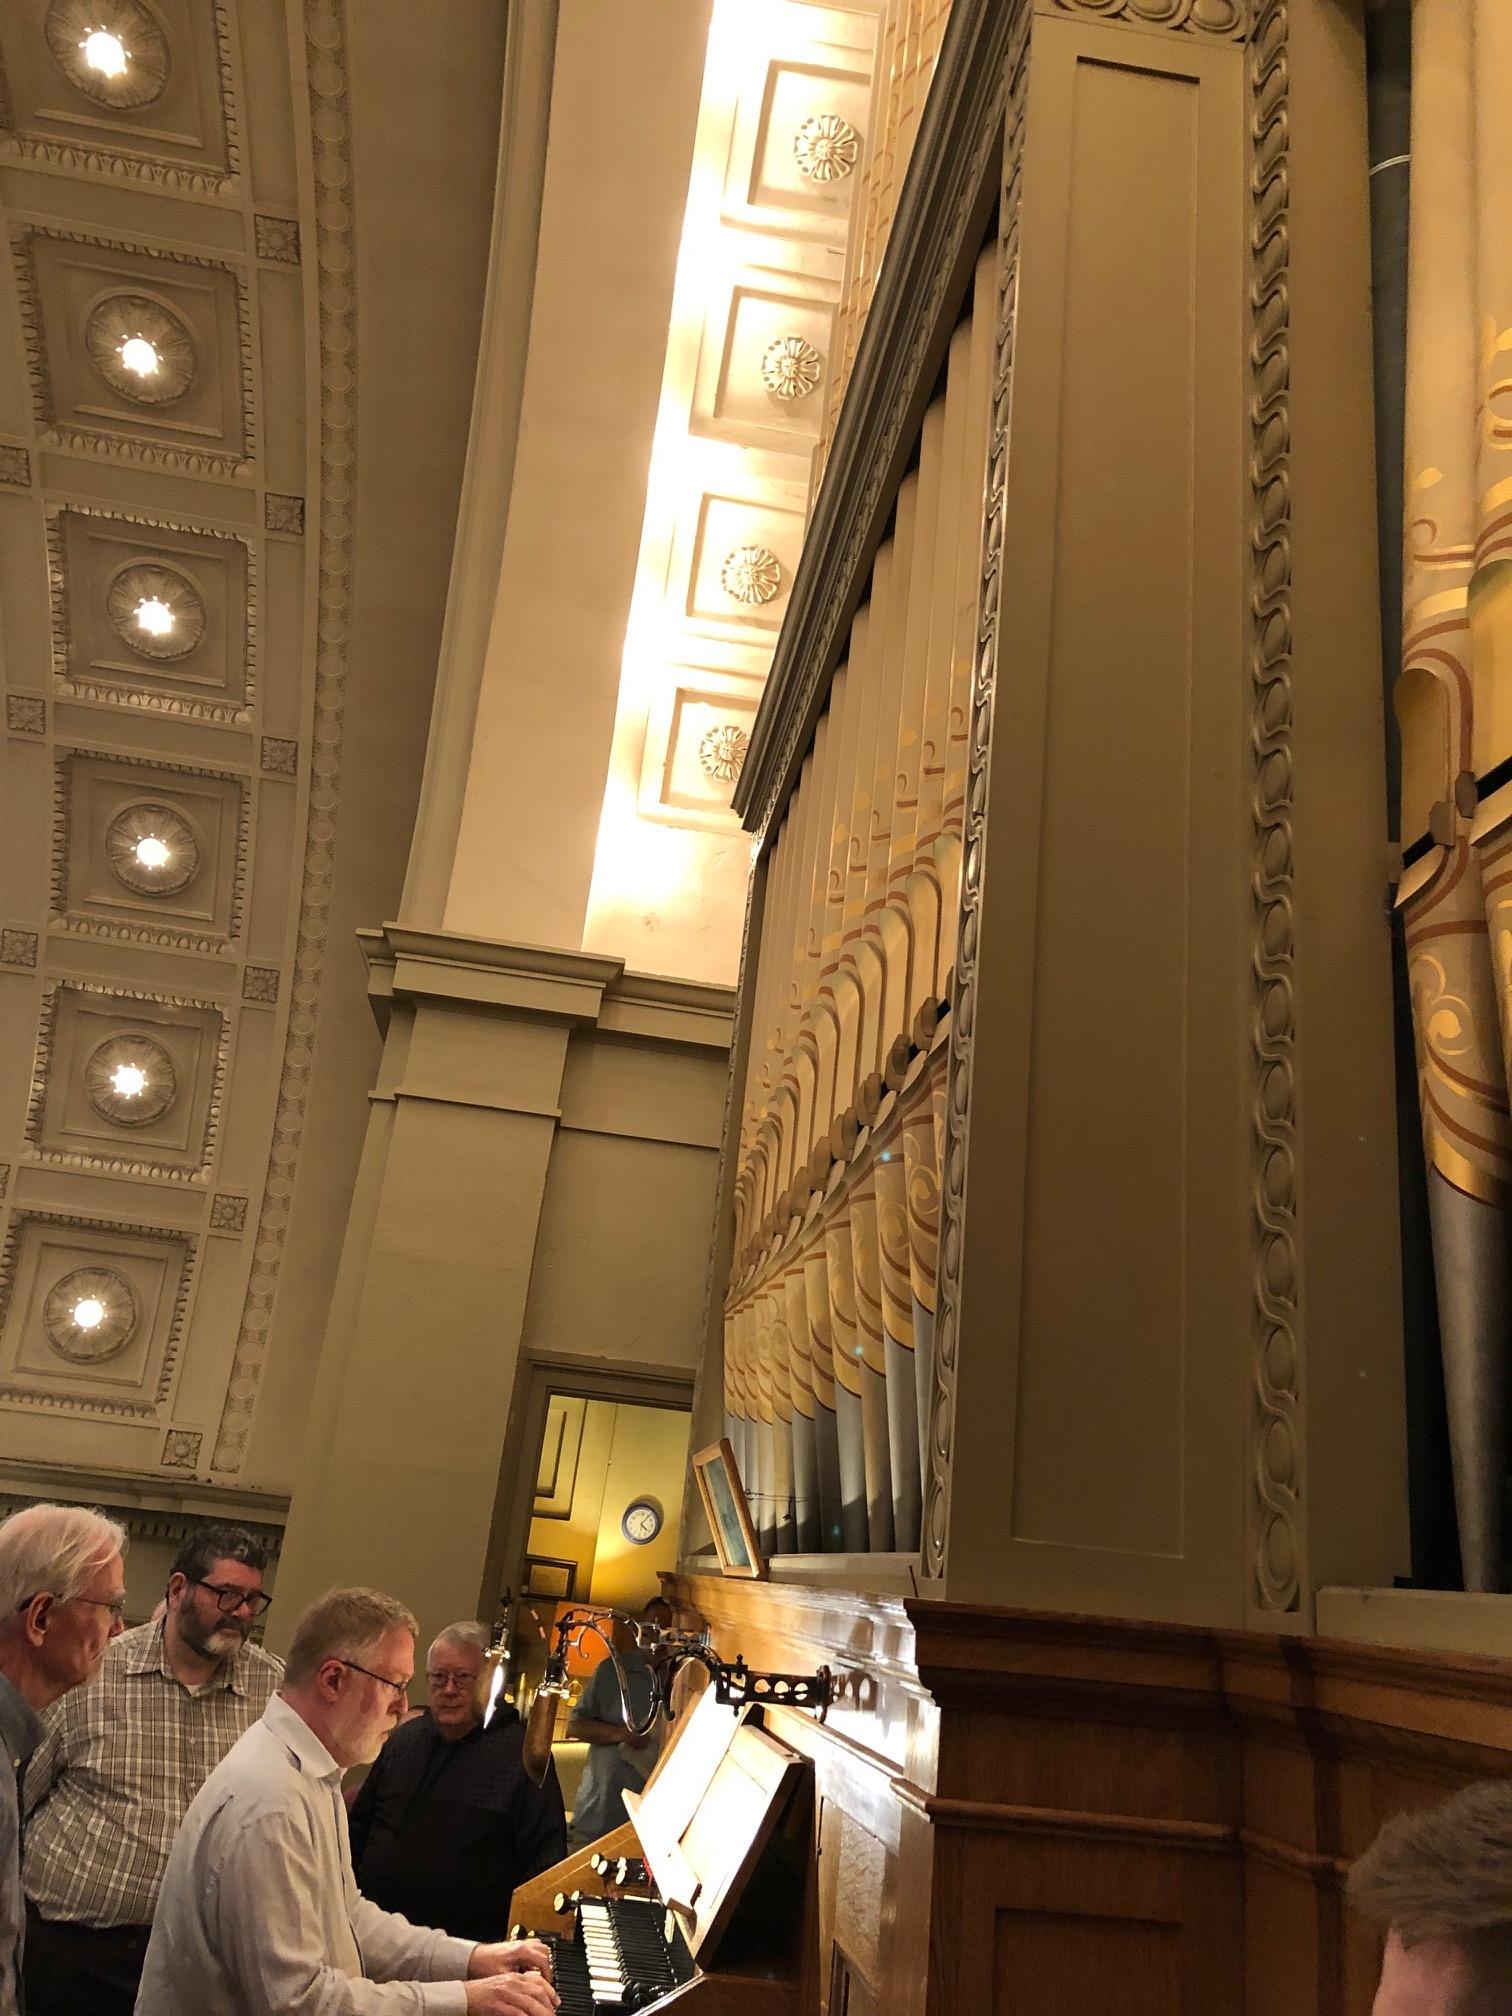 First Unitarian Church Baltimore